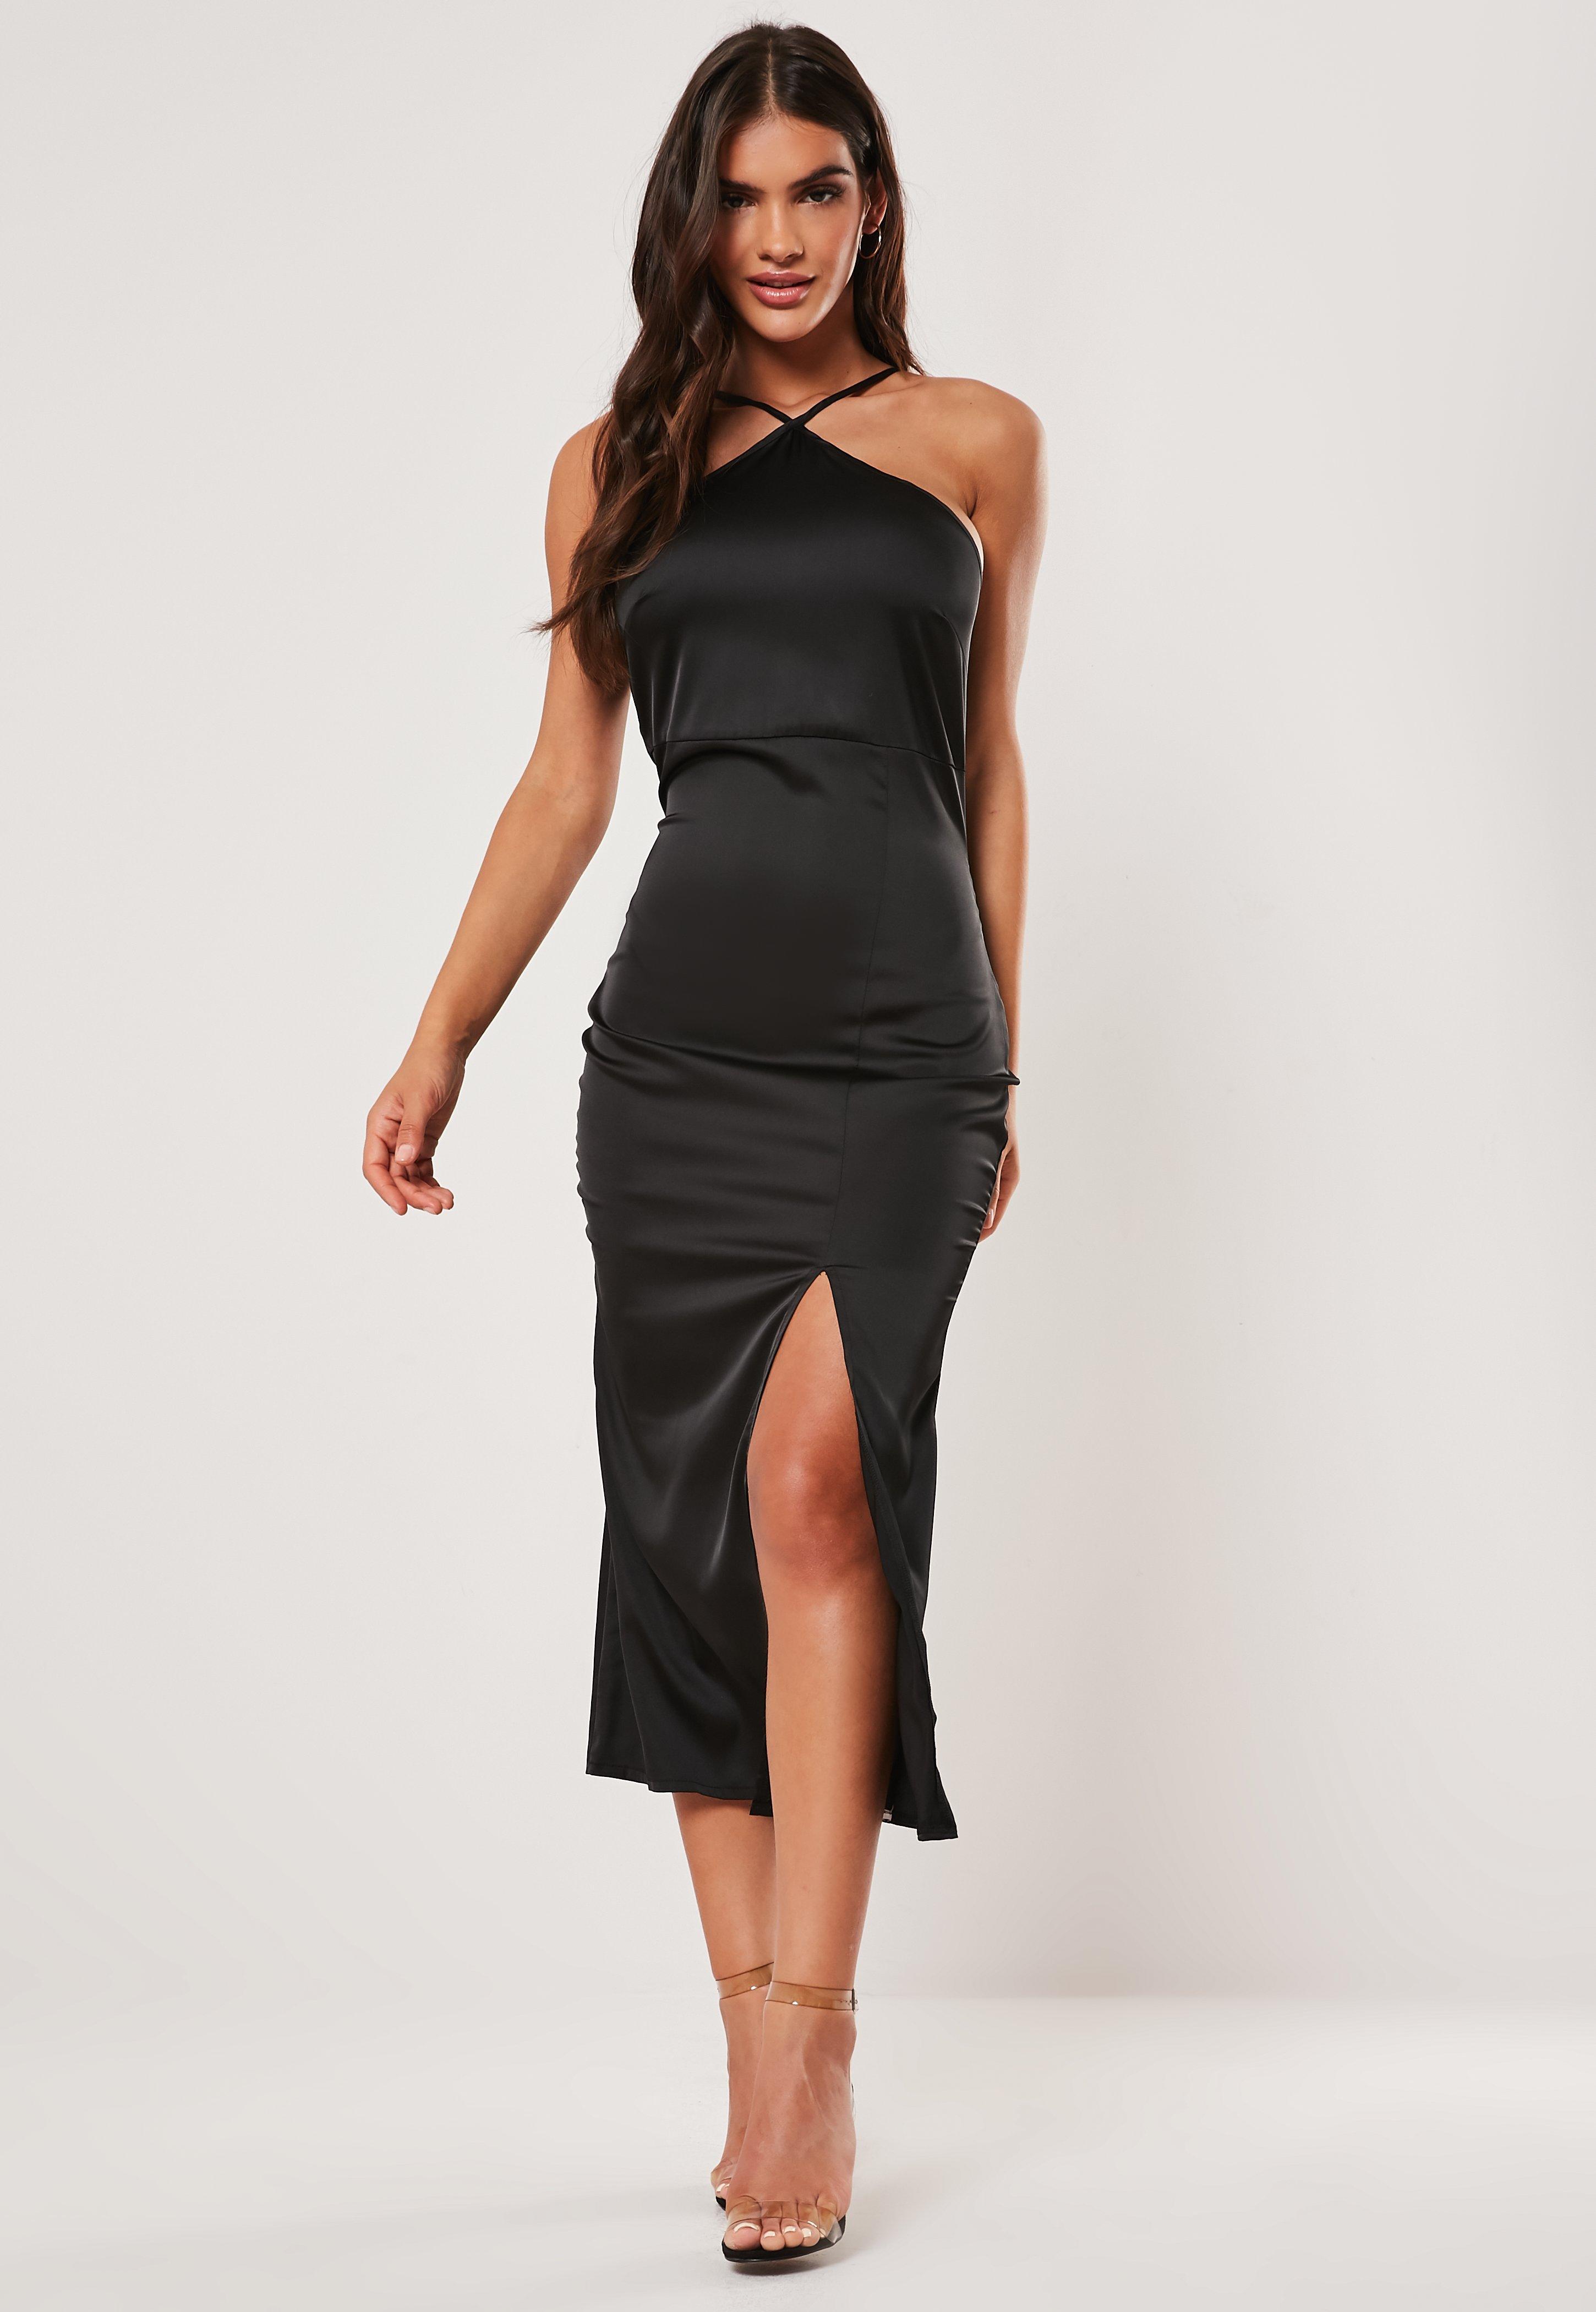 Black Satin Halter Neck Midi Dress